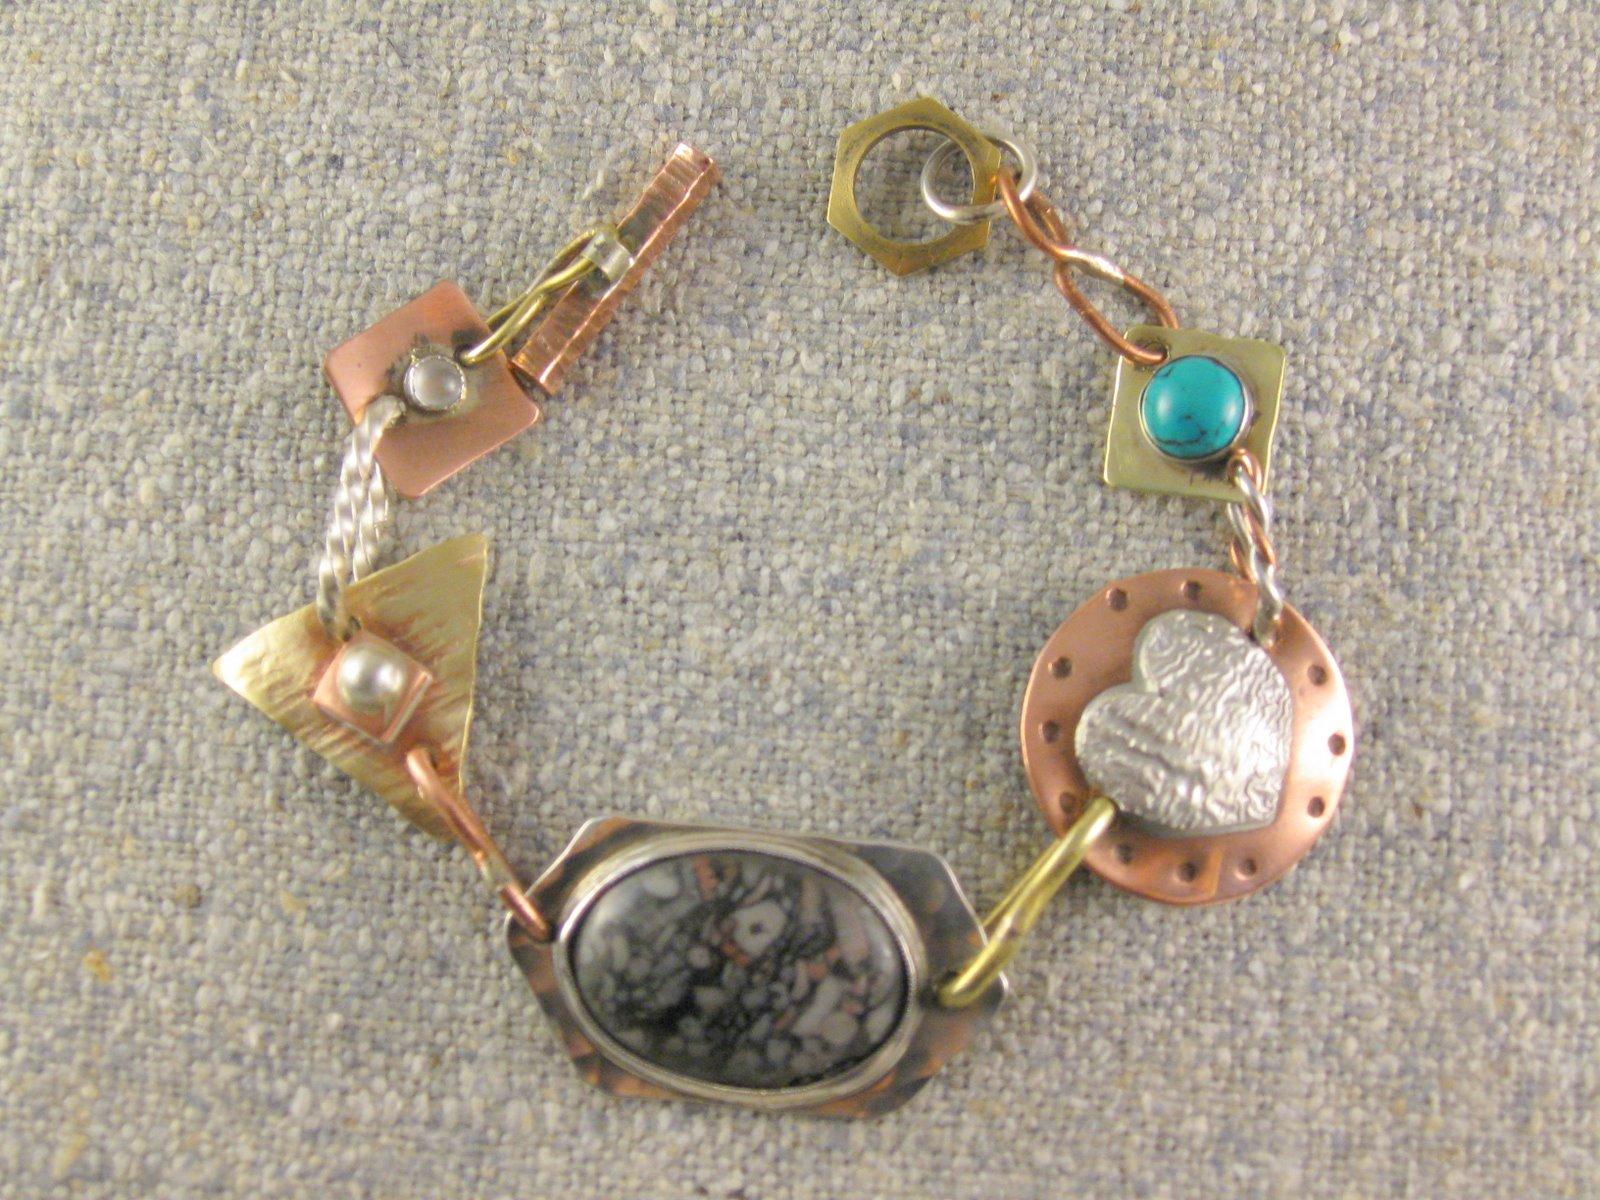 shapelink bracelet